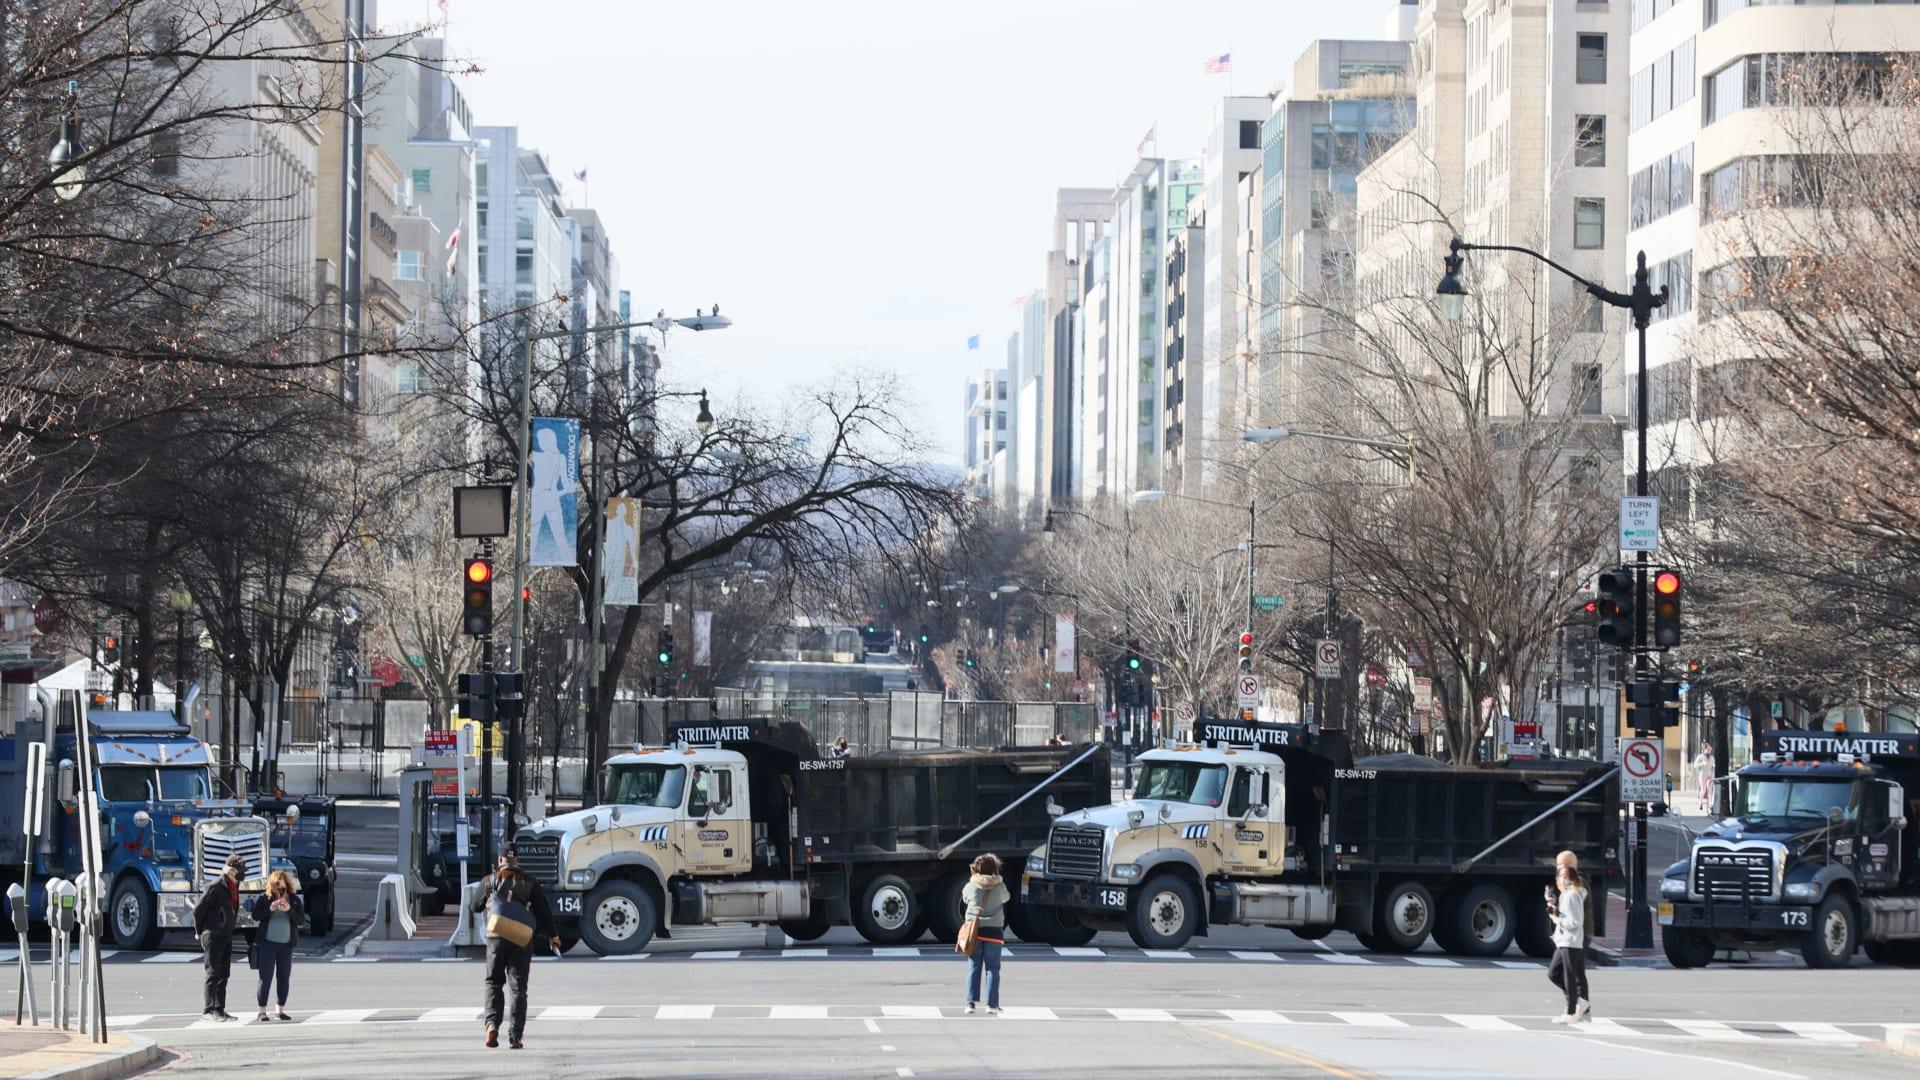 أيام قليلة على تنصيب بايدن.. إليك كيف تبدو أجواء الاستعدادات الأمنية في واشنطن